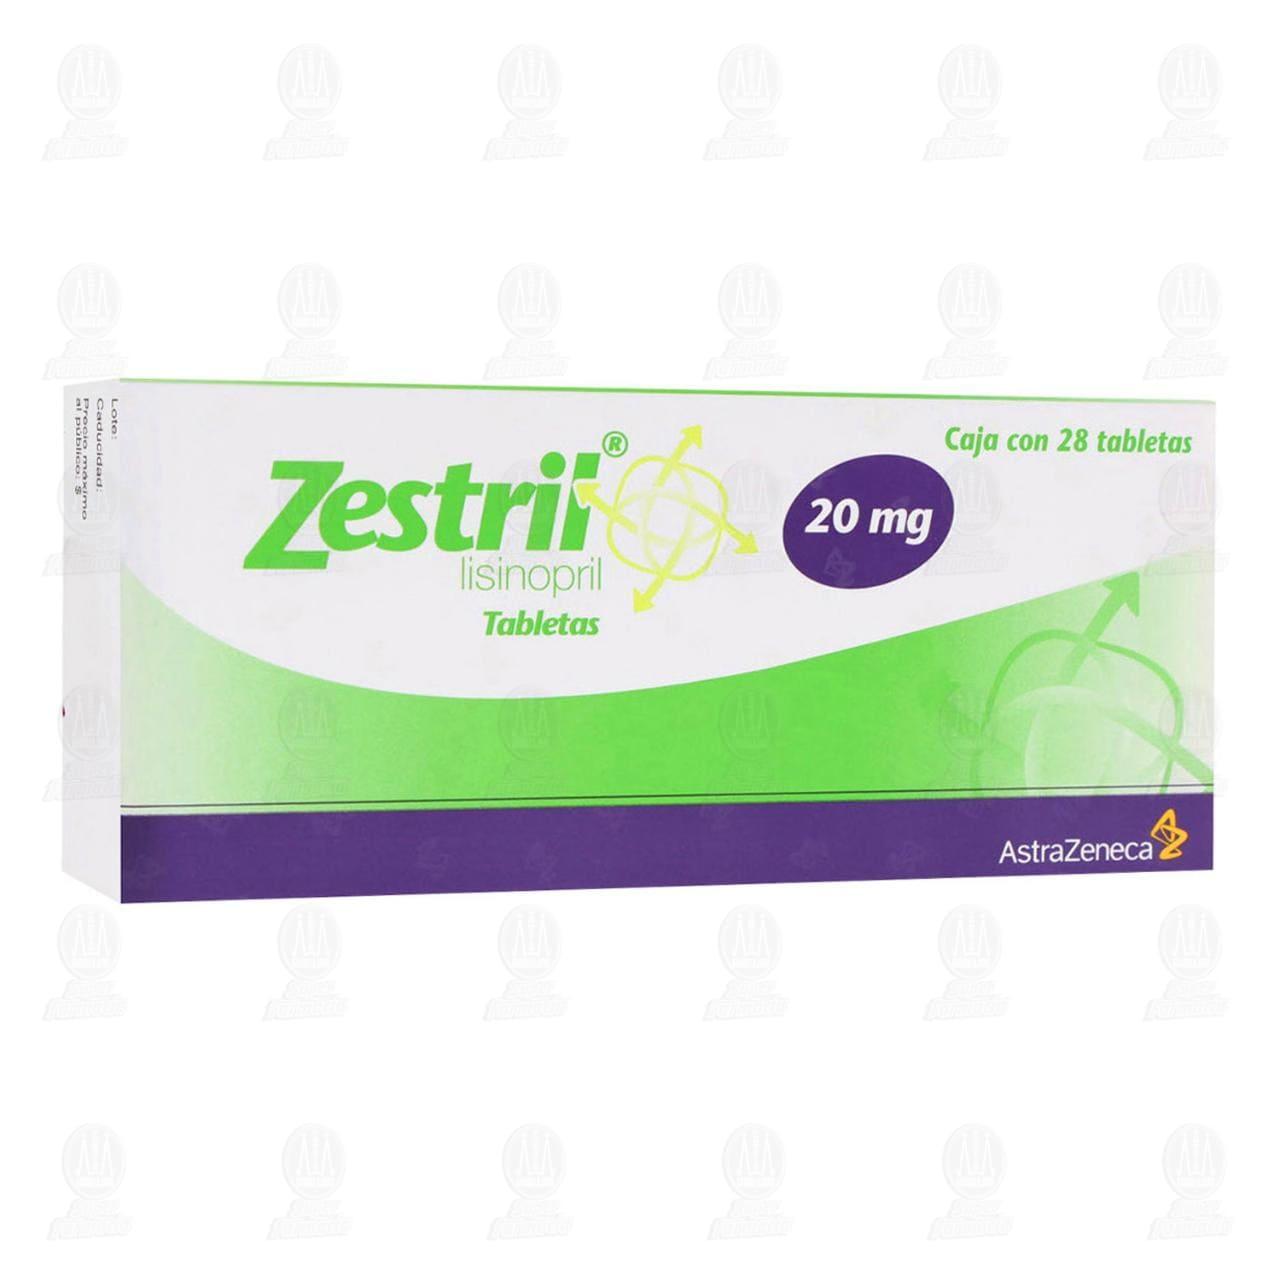 comprar https://www.movil.farmaciasguadalajara.com/wcsstore/FGCAS/wcs/products/72940_A_1280_AL.jpg en farmacias guadalajara